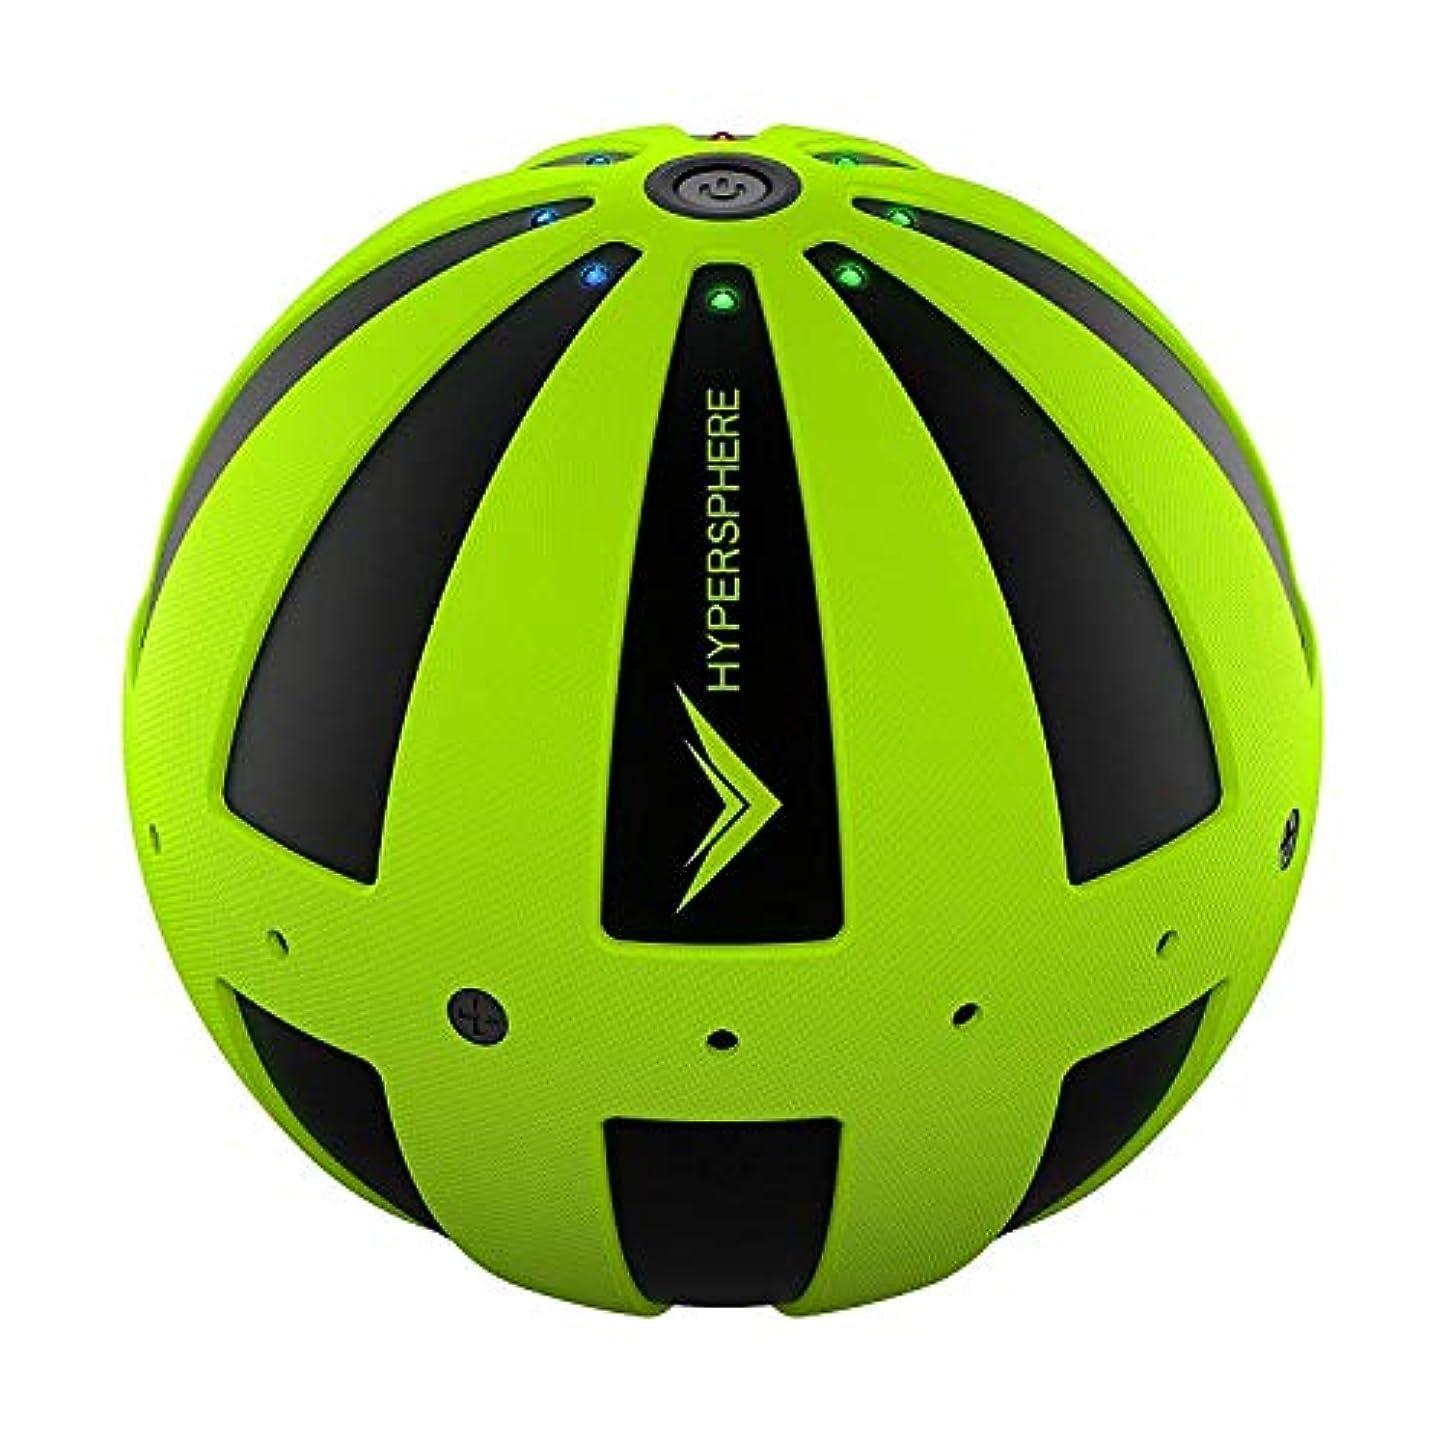 小説家ダメージメダルHypersphere Vibrating Fitness Ball (PSEアダプタ付属) [並行輸入品]